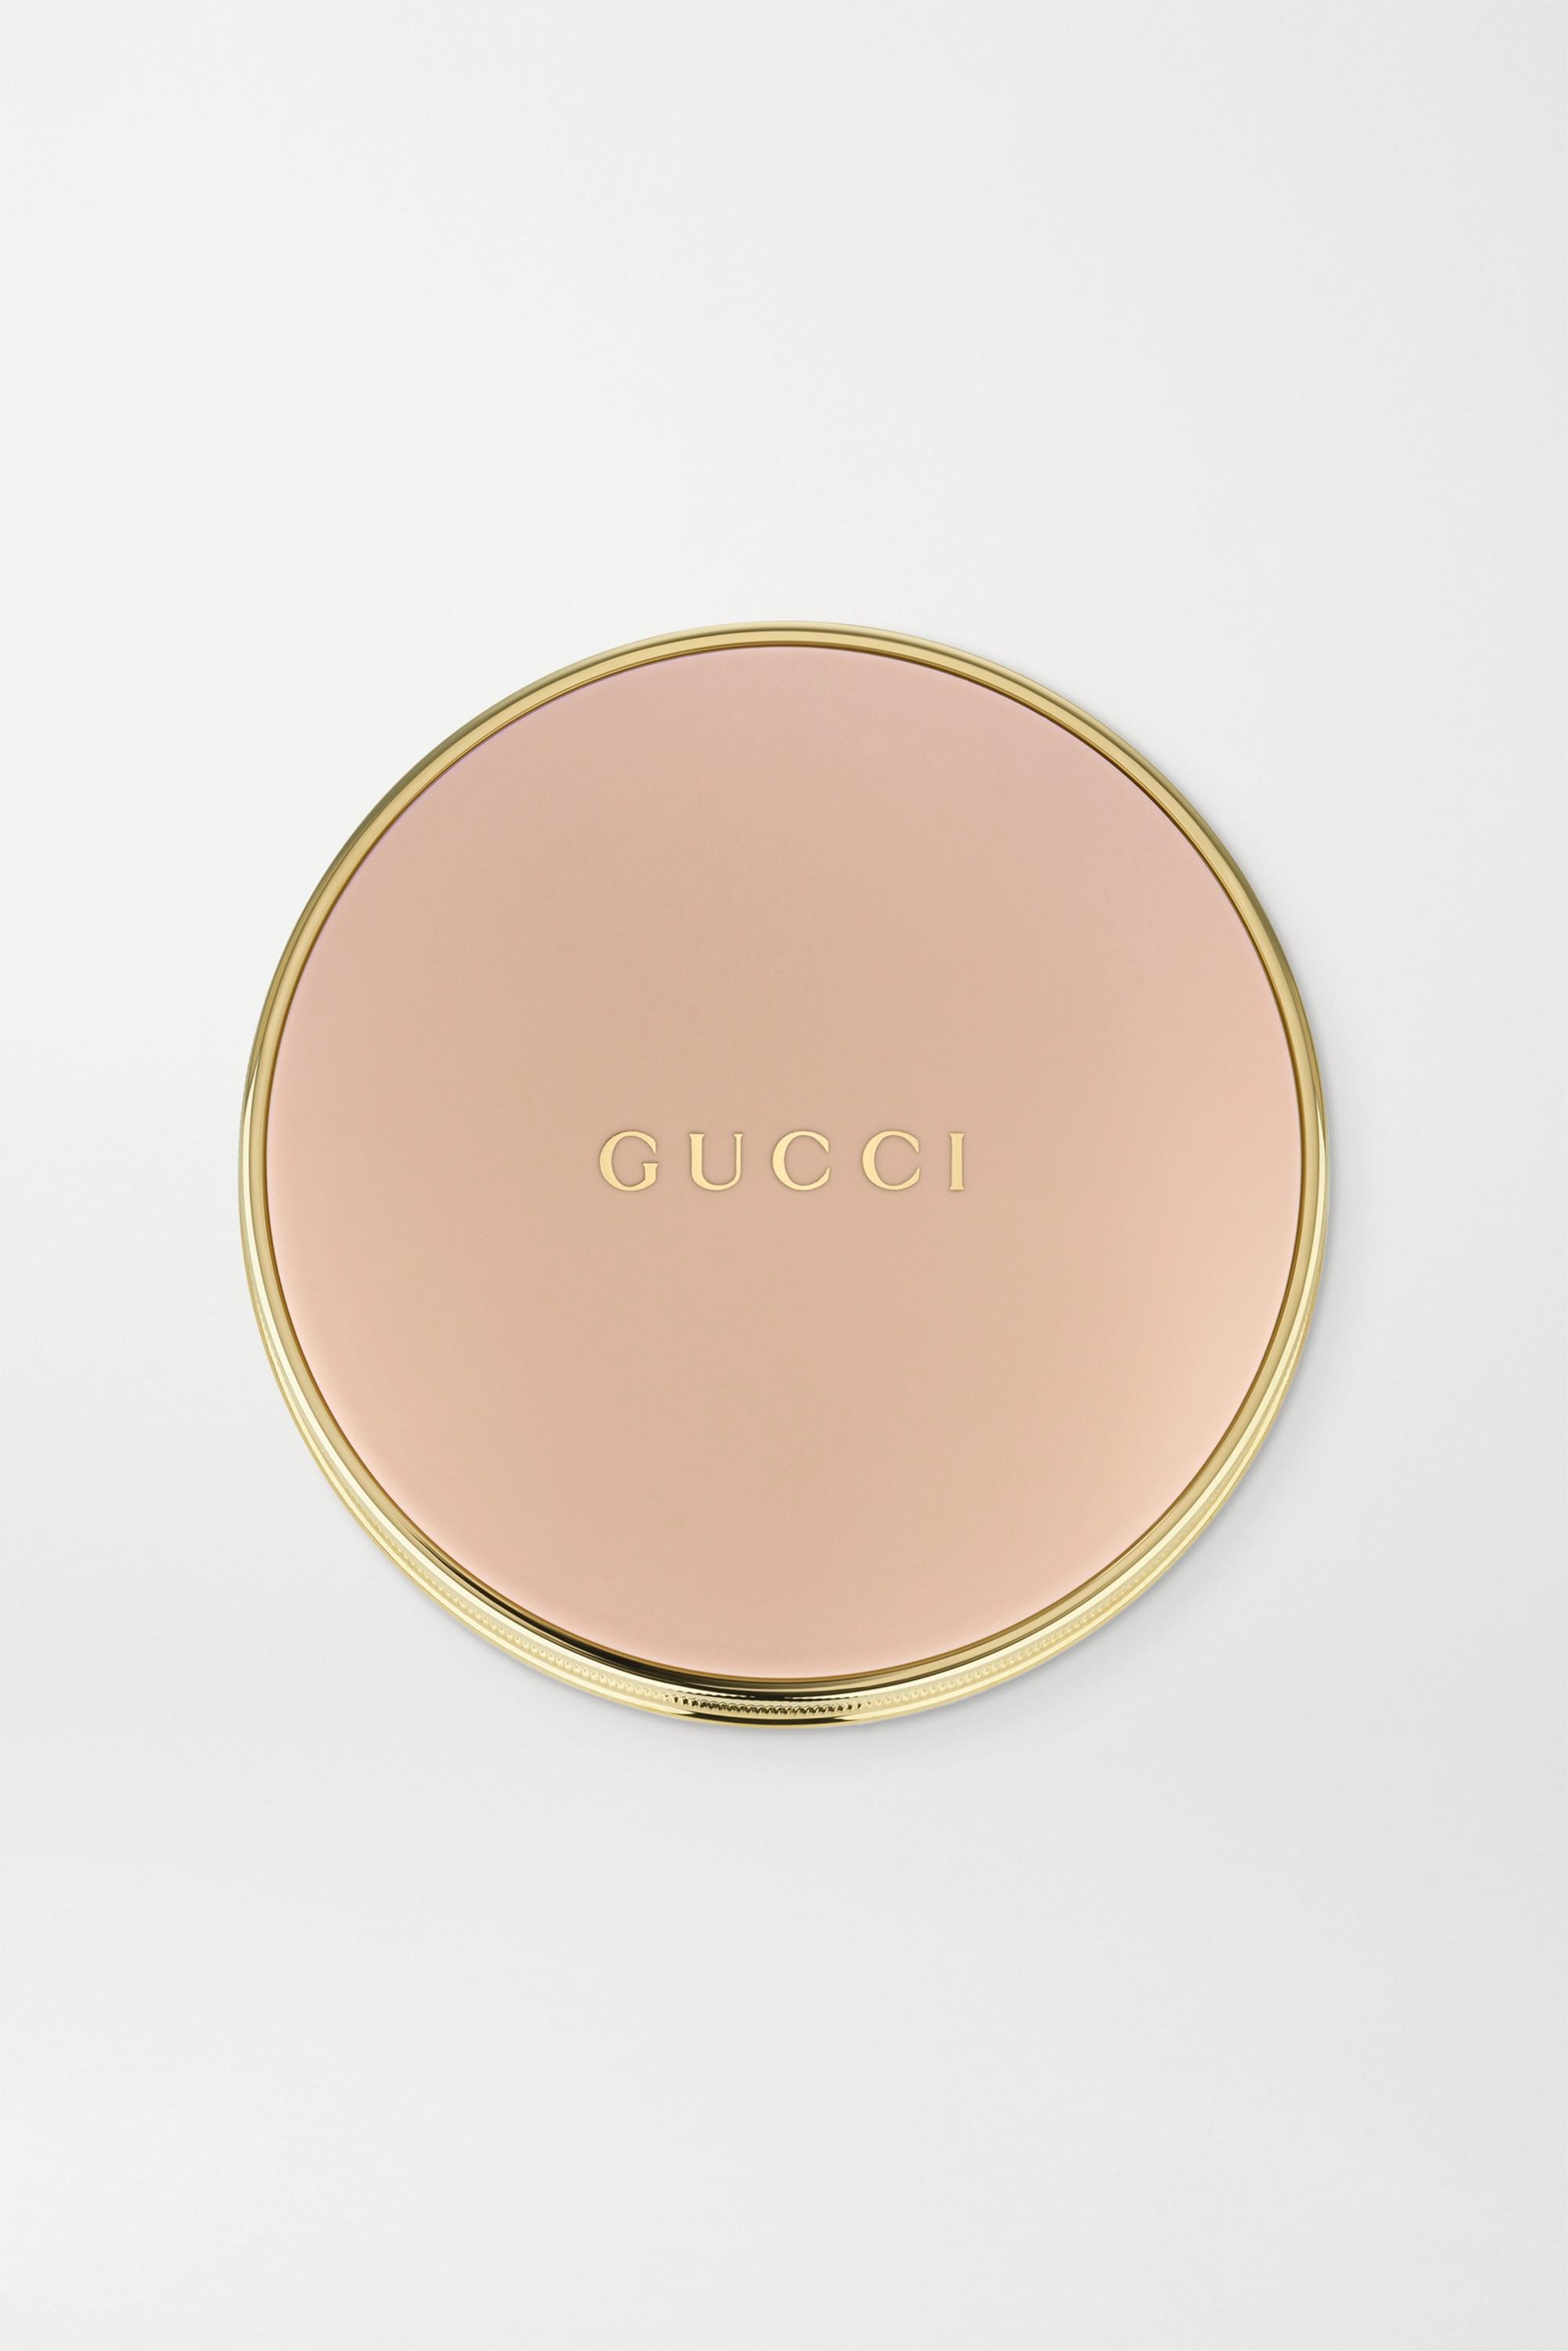 Gucci Beauty Poudre de Beauté Powder - Mat Naturel 02